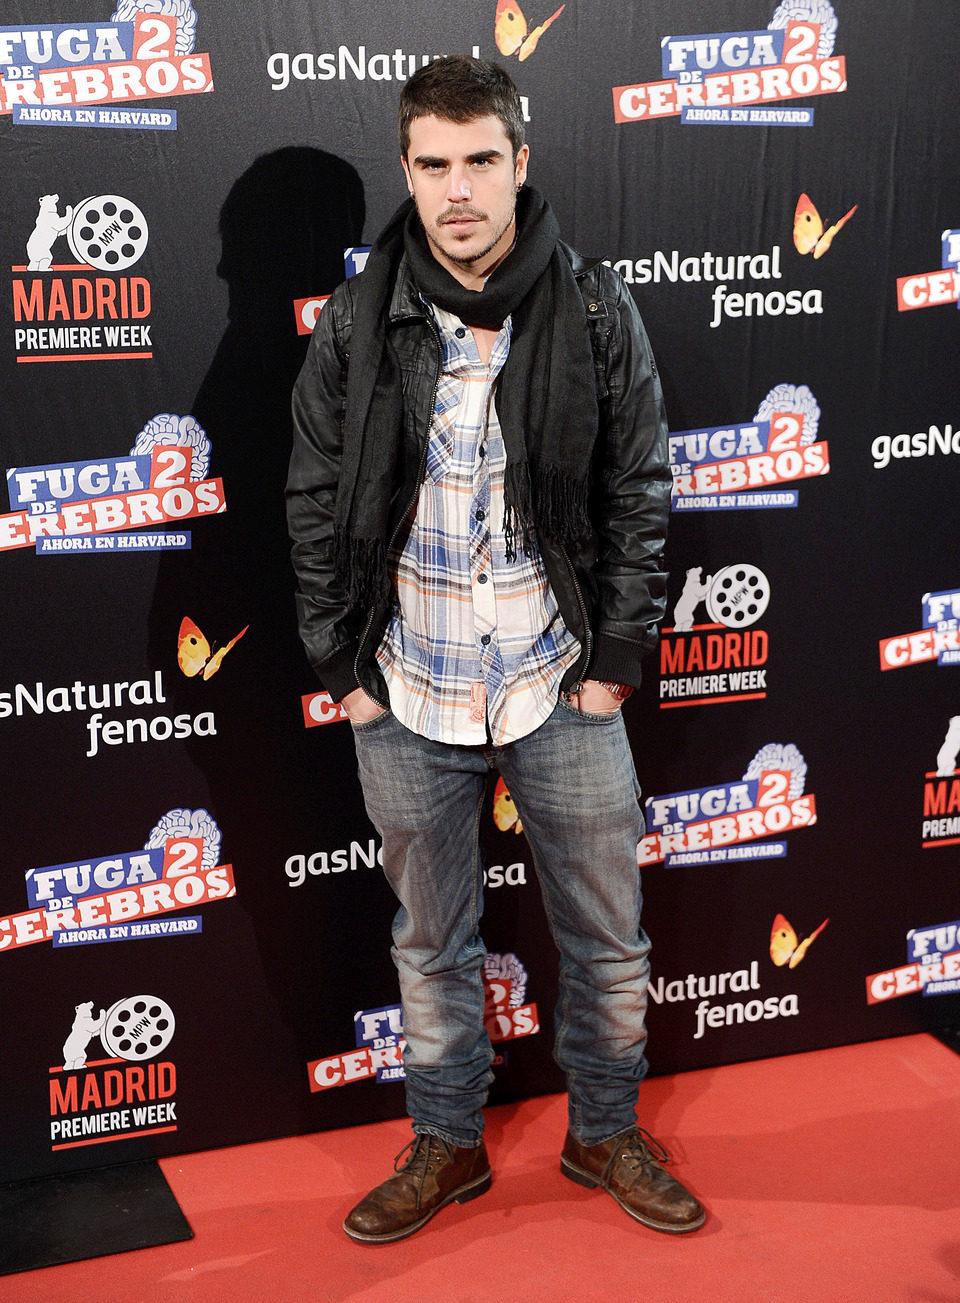 Javier Hernández en la premiére de 'Fuga de cerebros 2'